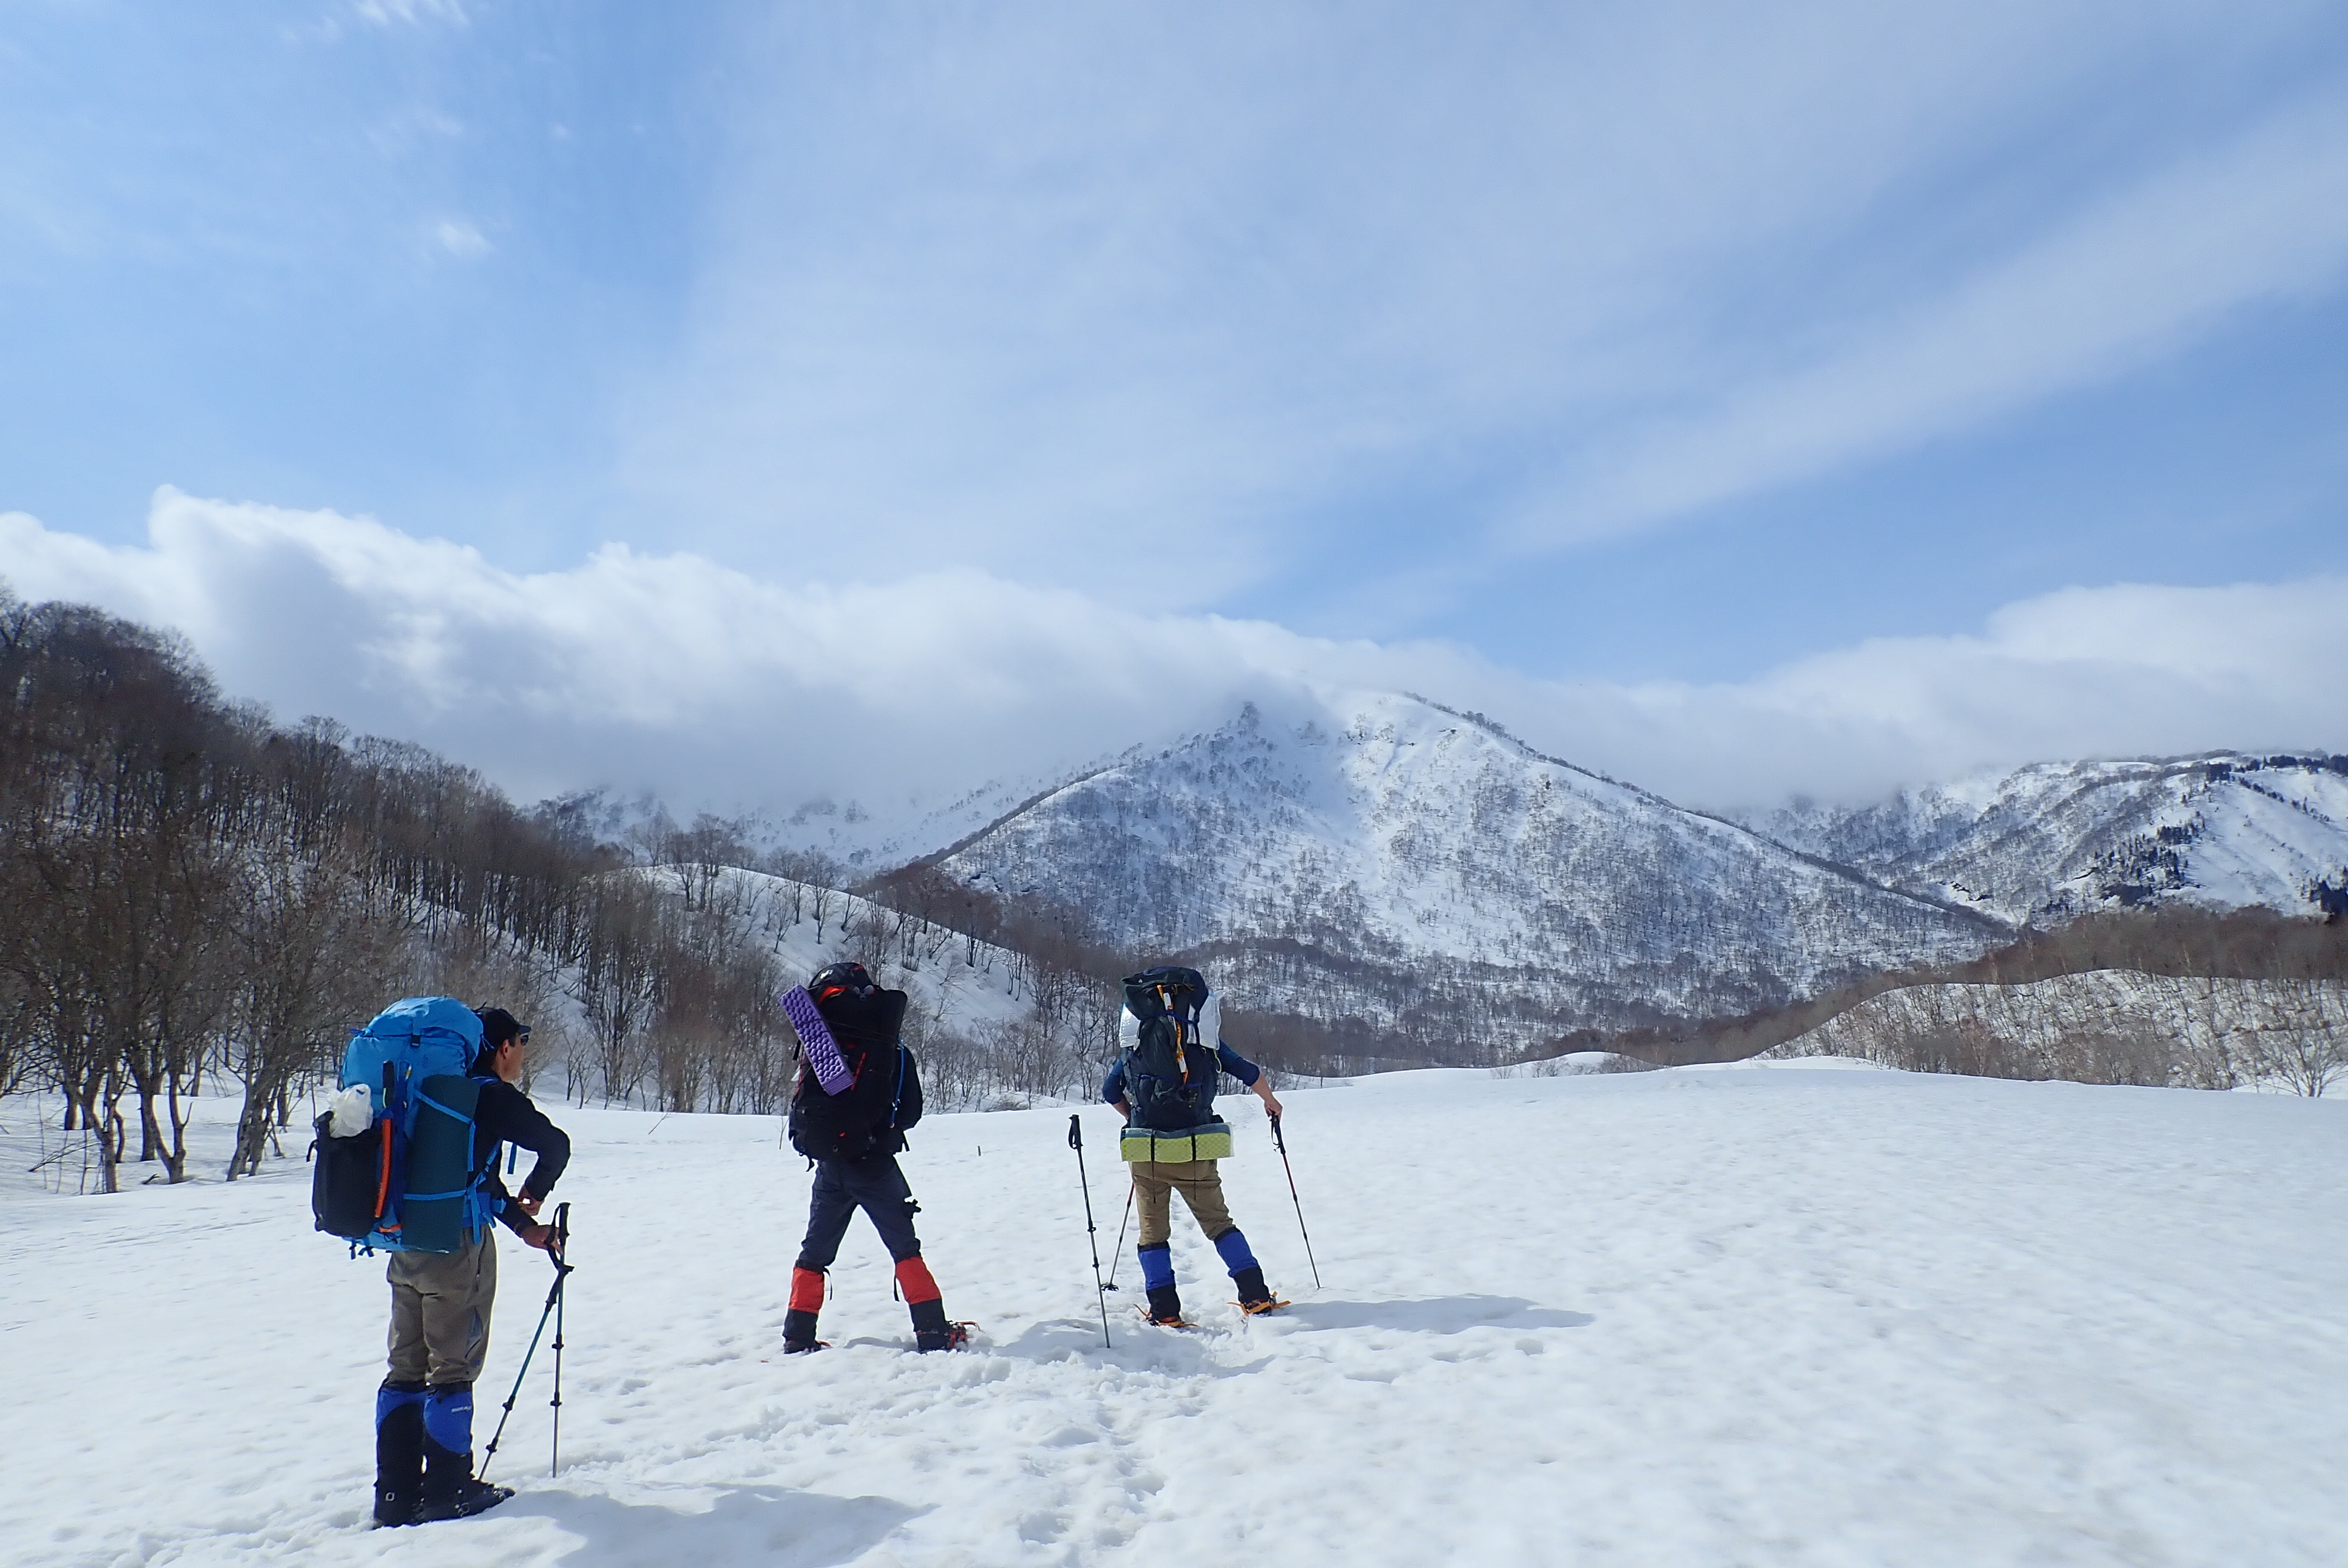 2021/03/06-07野伏ヶ岳『積雪期限定の聖地は360°の大パノラマ』